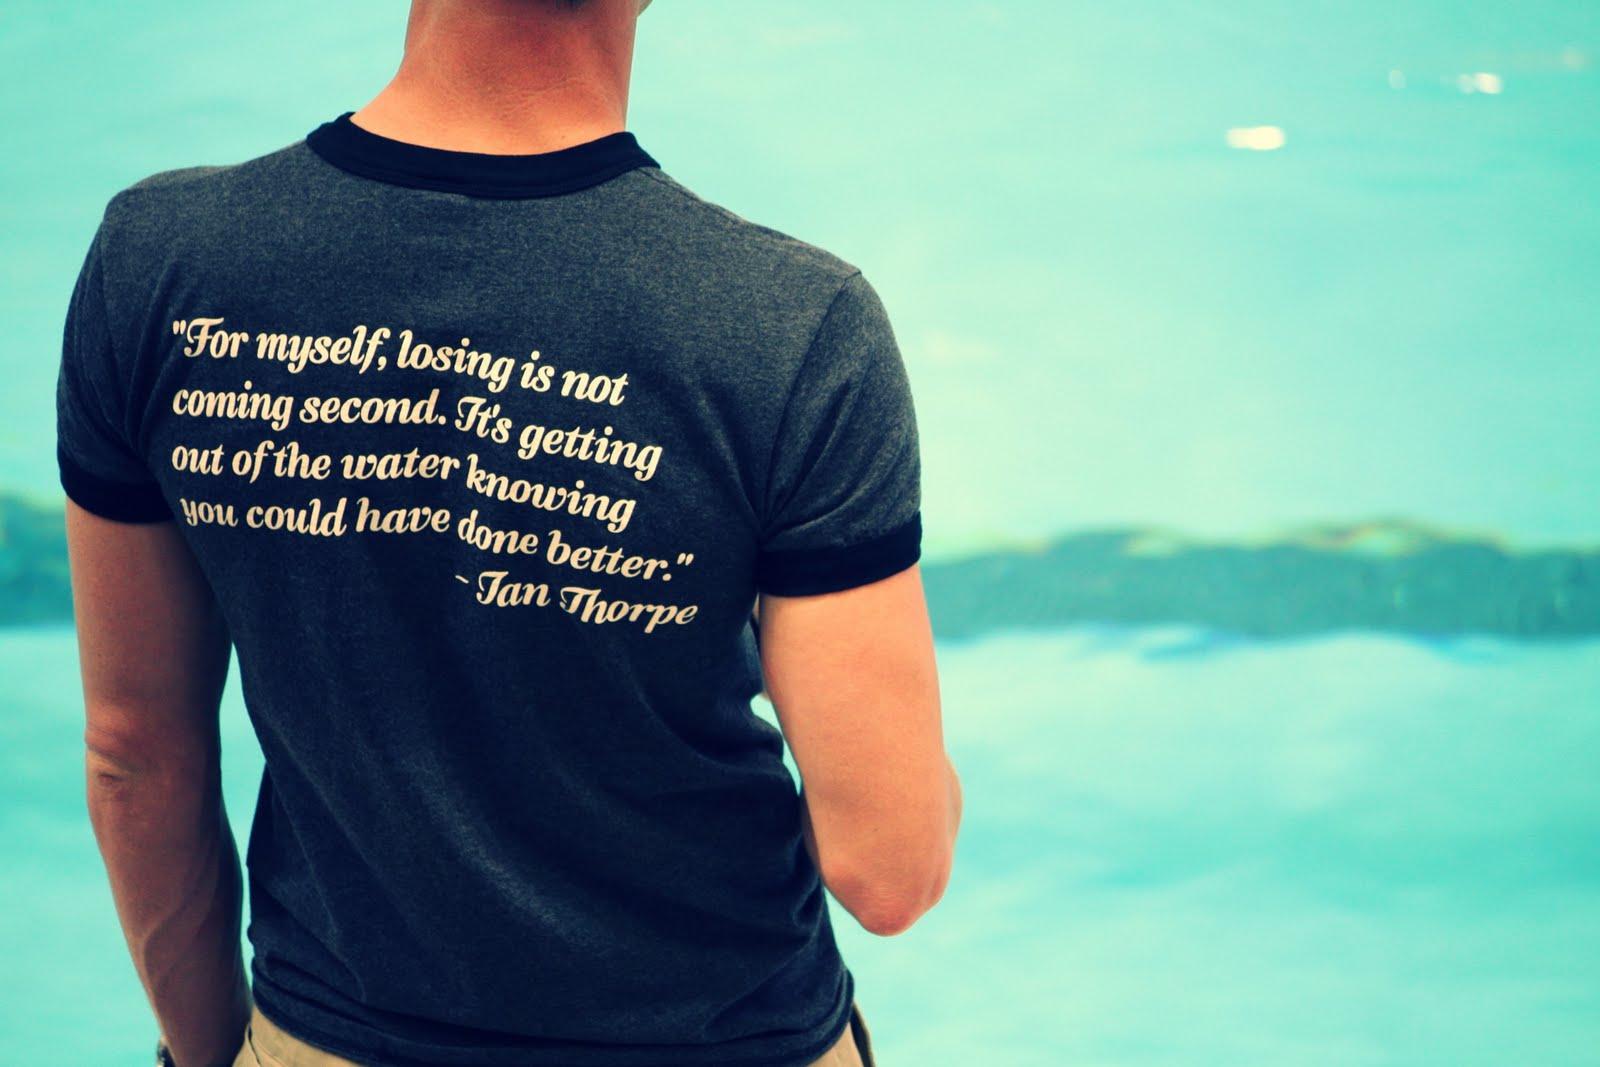 Ian Thorpe's quote #4